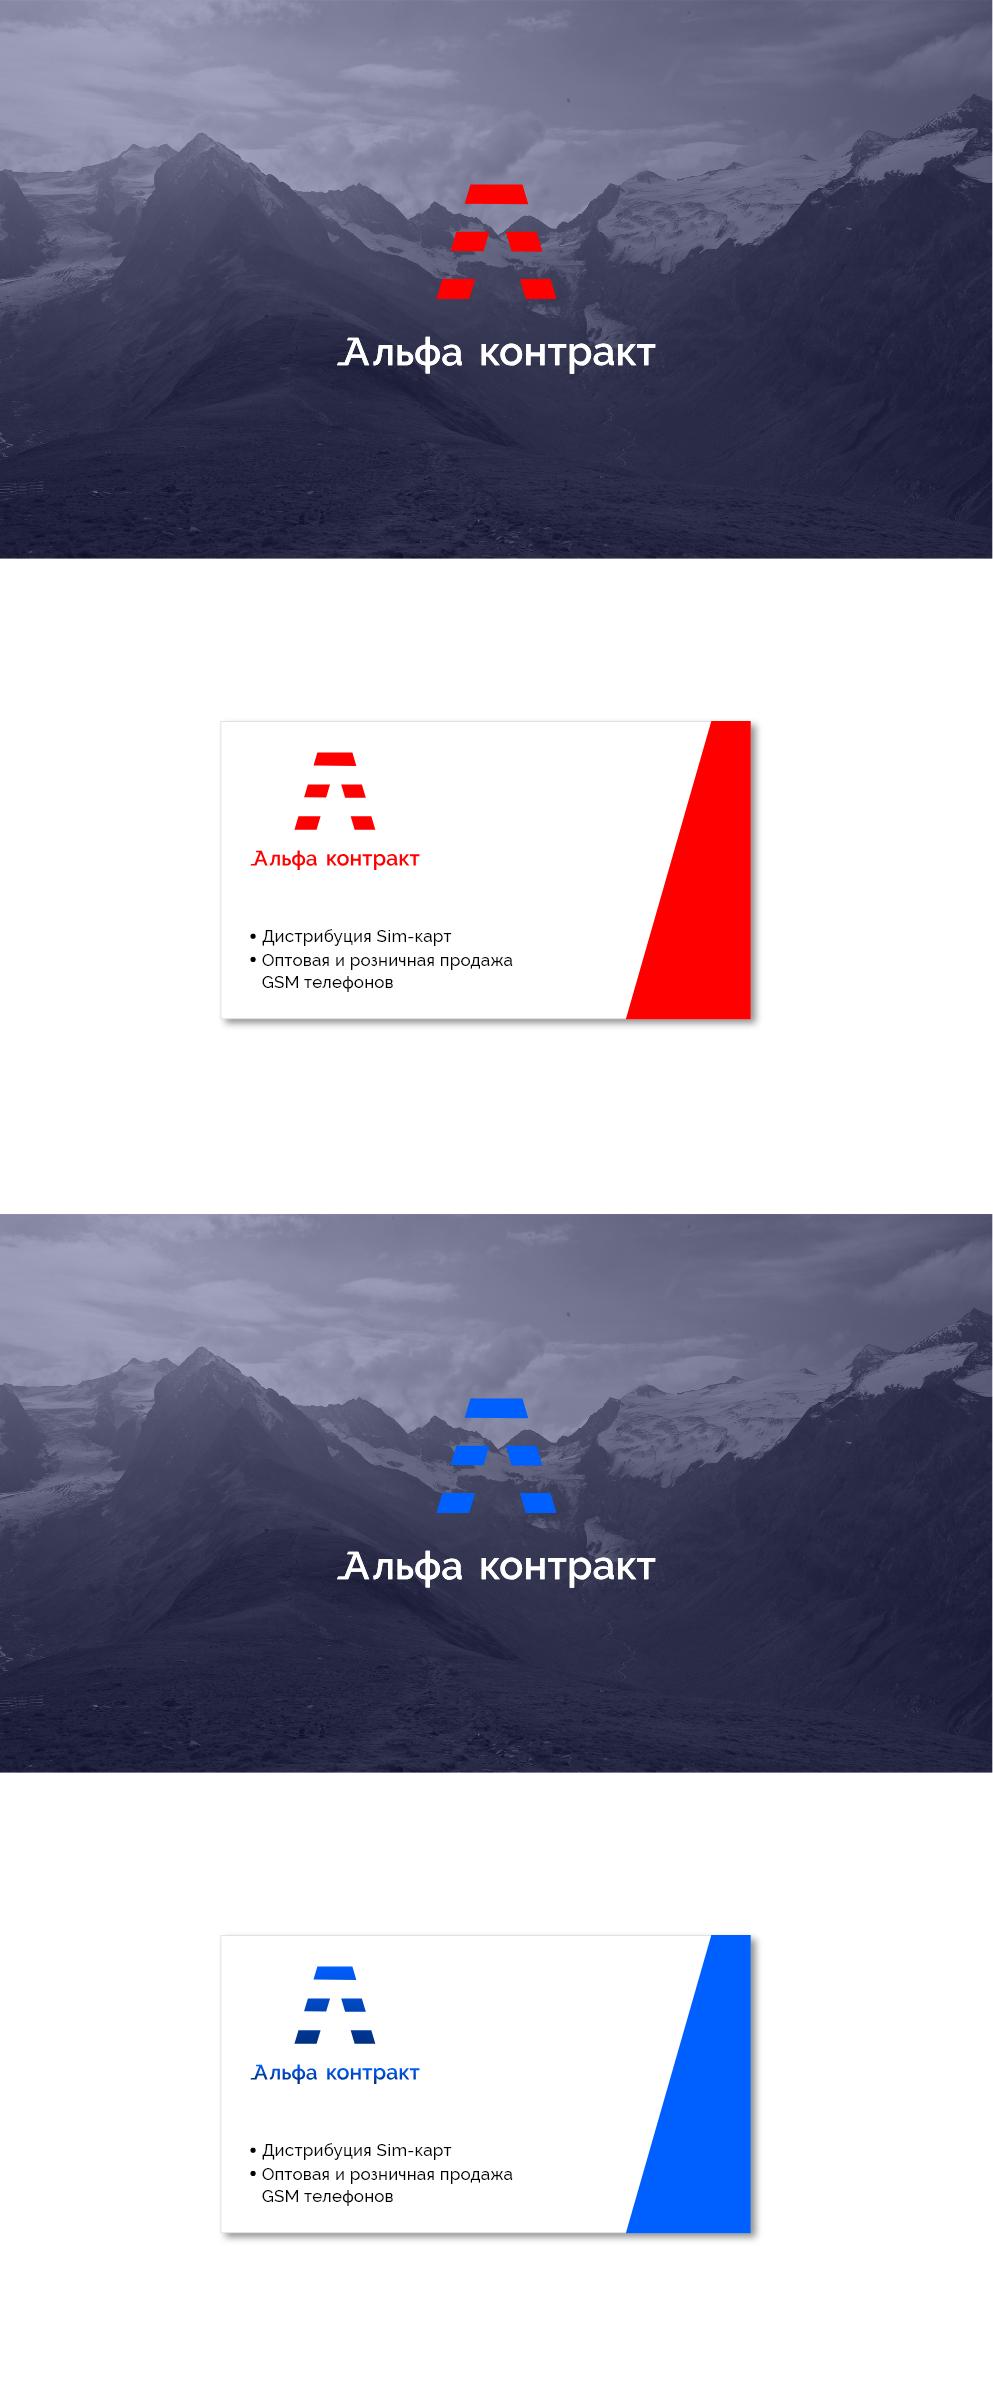 Дизайнер для разработки логотипа компании фото f_5305bfb2d3437d92.png